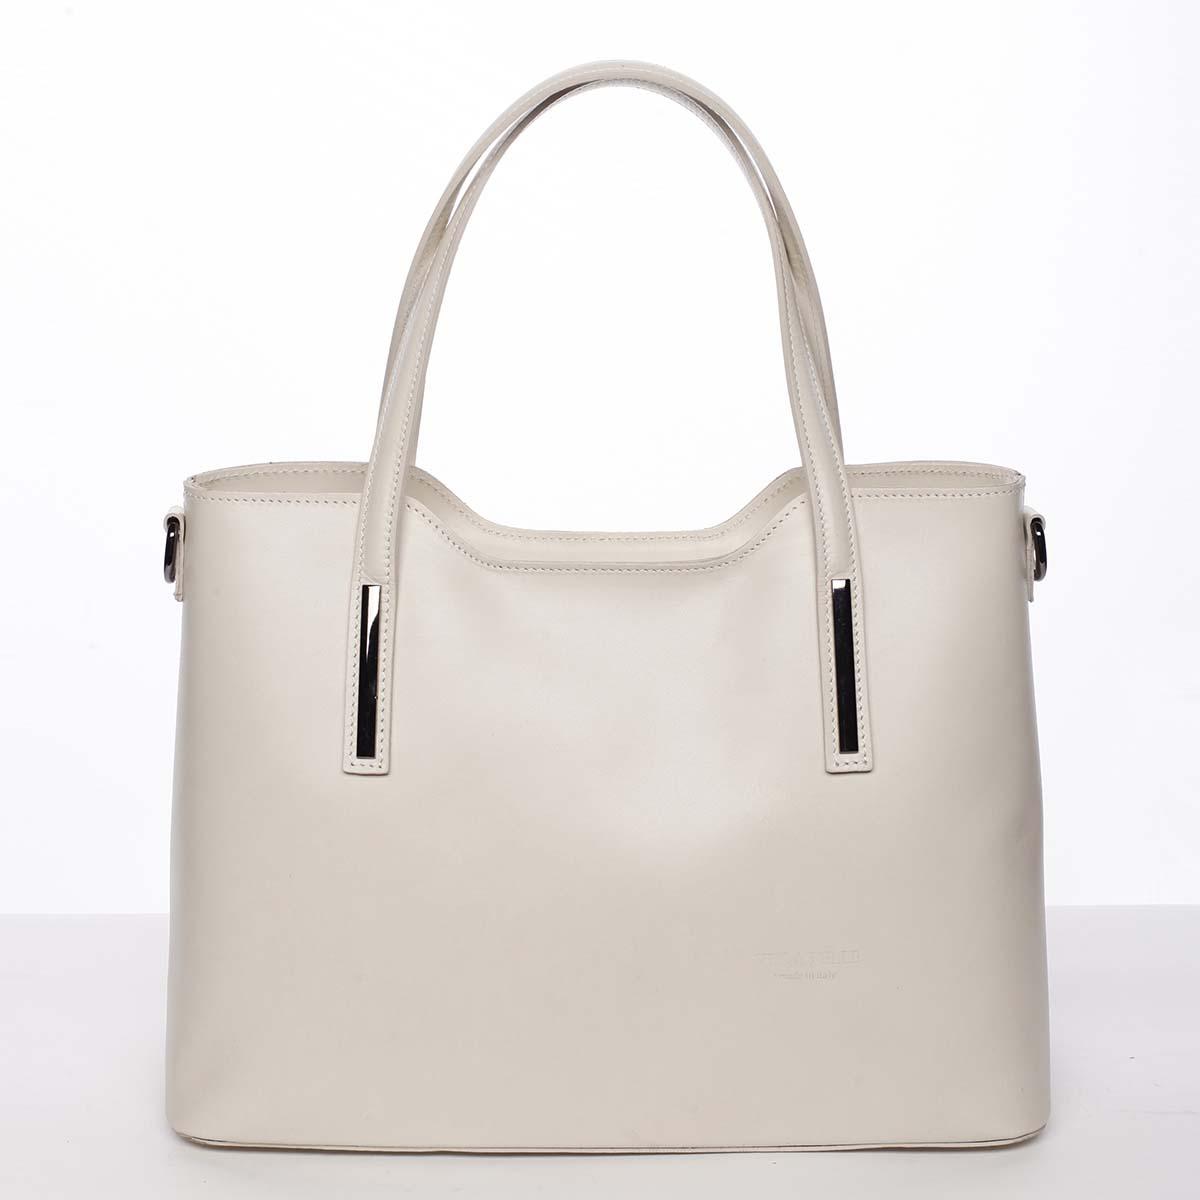 Větší kožená kabelka béžová - ItalY Sandy